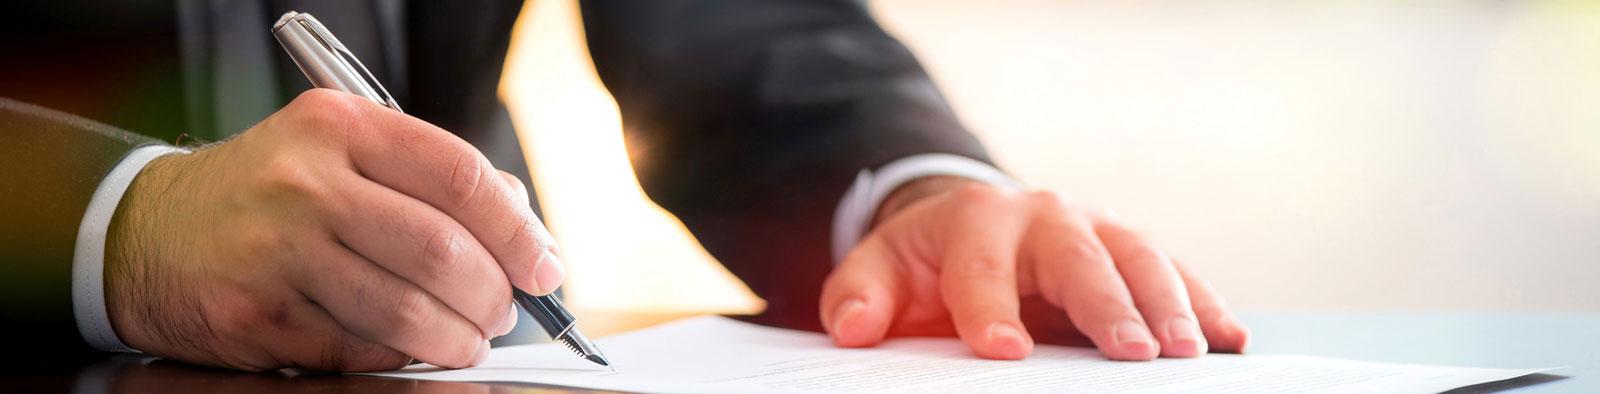 Welche Urkunden muss ich bereithalten?